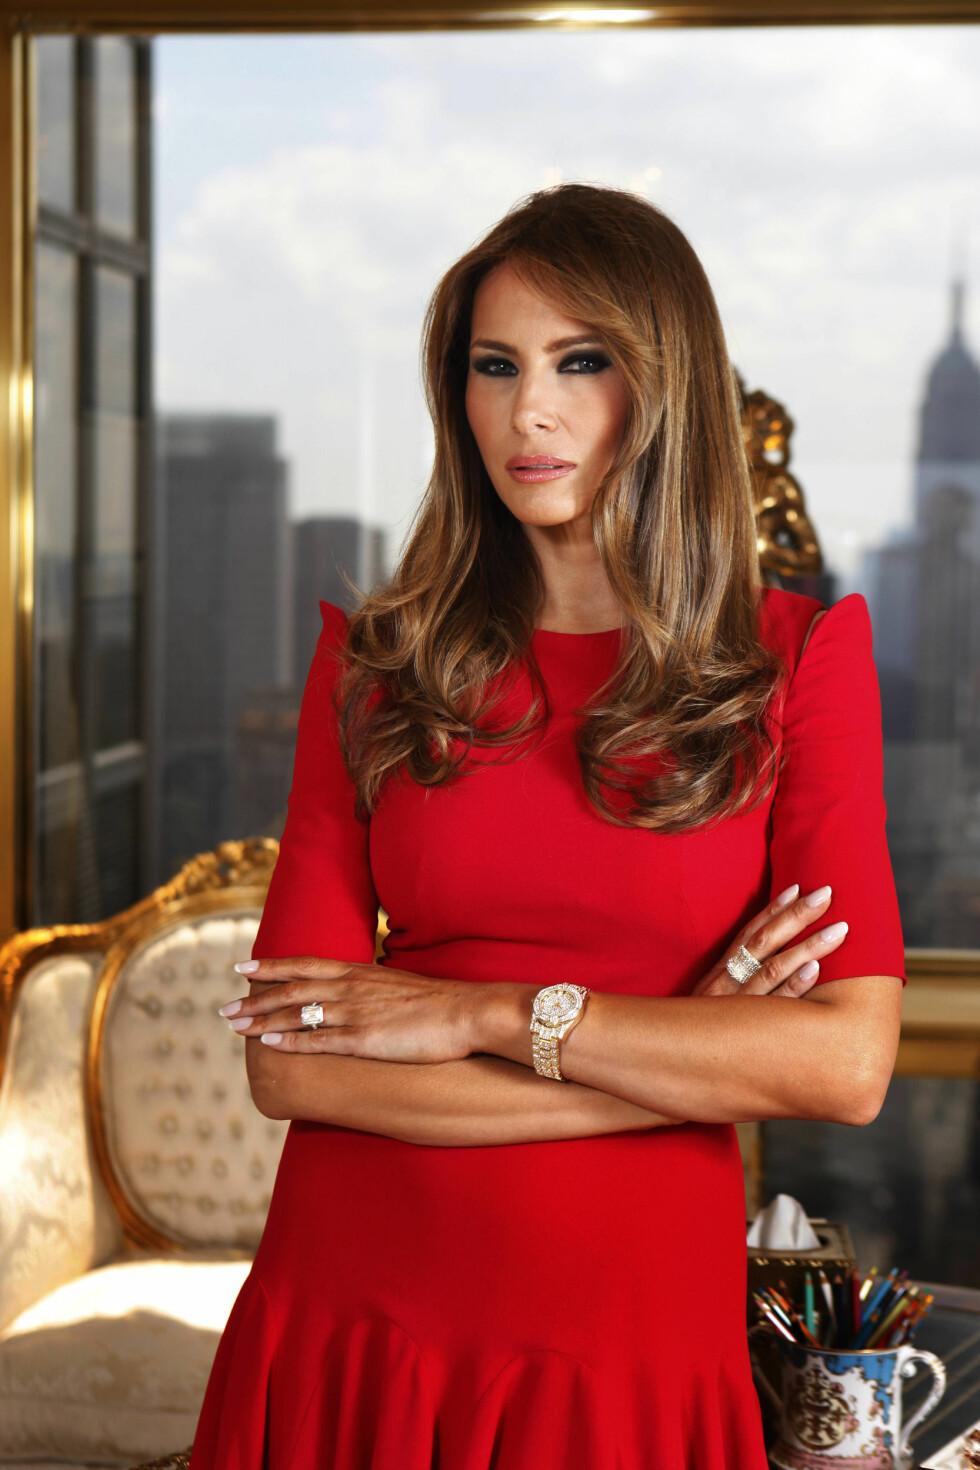 EGEN SMYKKEKOLLEKSJON: Melania Trump viser frem smykkekolleksjonen sin for GVC på kontoret sitt i New York, juli 2011. Foto: Polaris